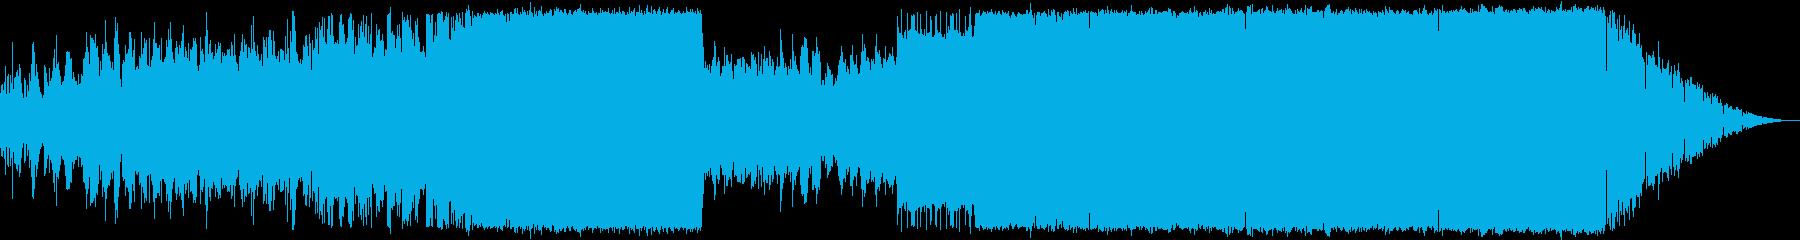 時代が劇的に変化していくイメージのEDMの再生済みの波形